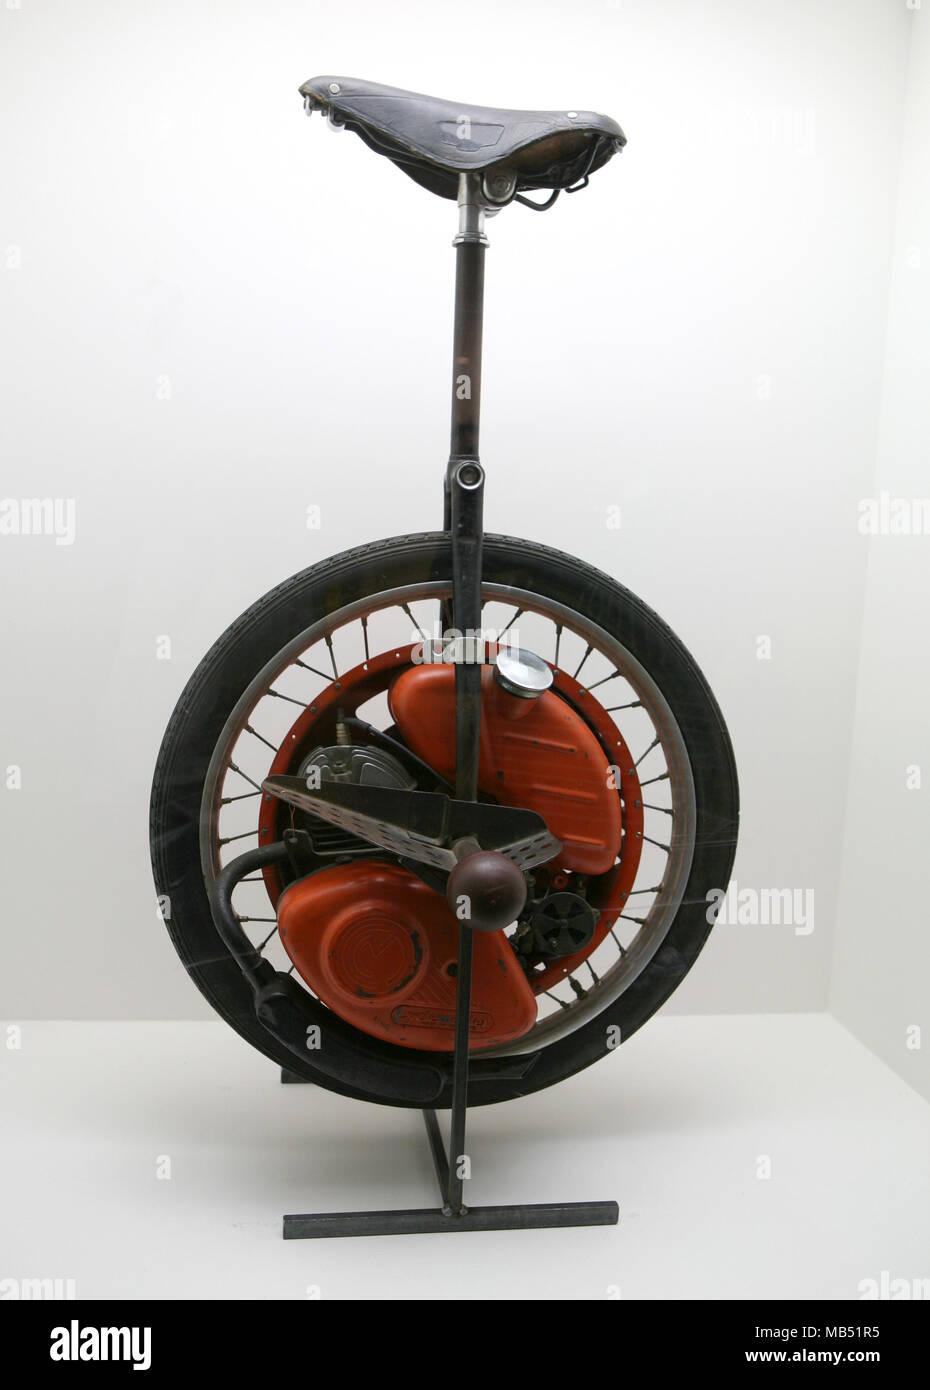 Motorized unicycle - Stock Image